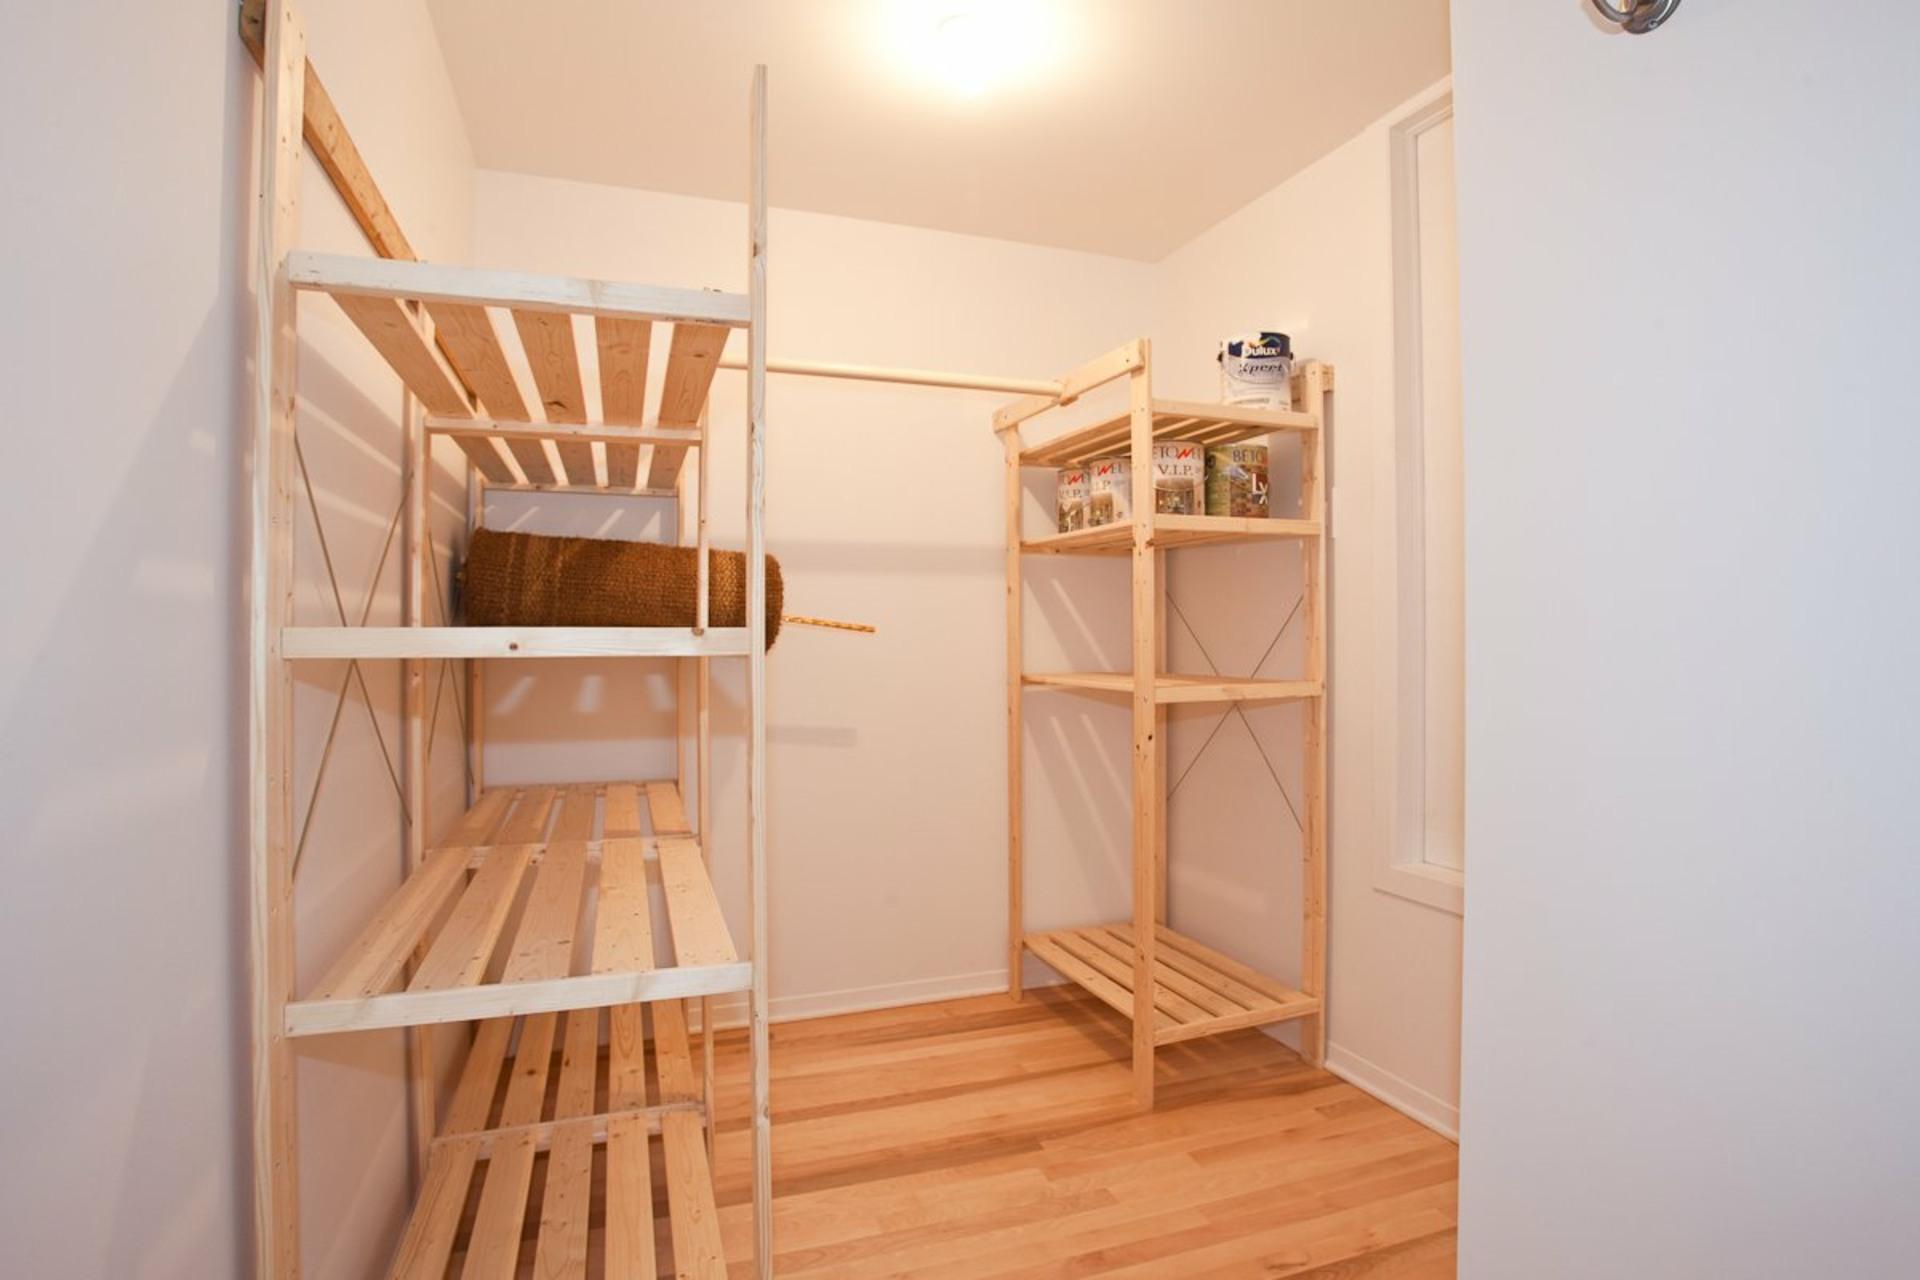 image 23 - Appartement À louer Côte-des-Neiges/Notre-Dame-de-Grâce Montréal  - 7 pièces